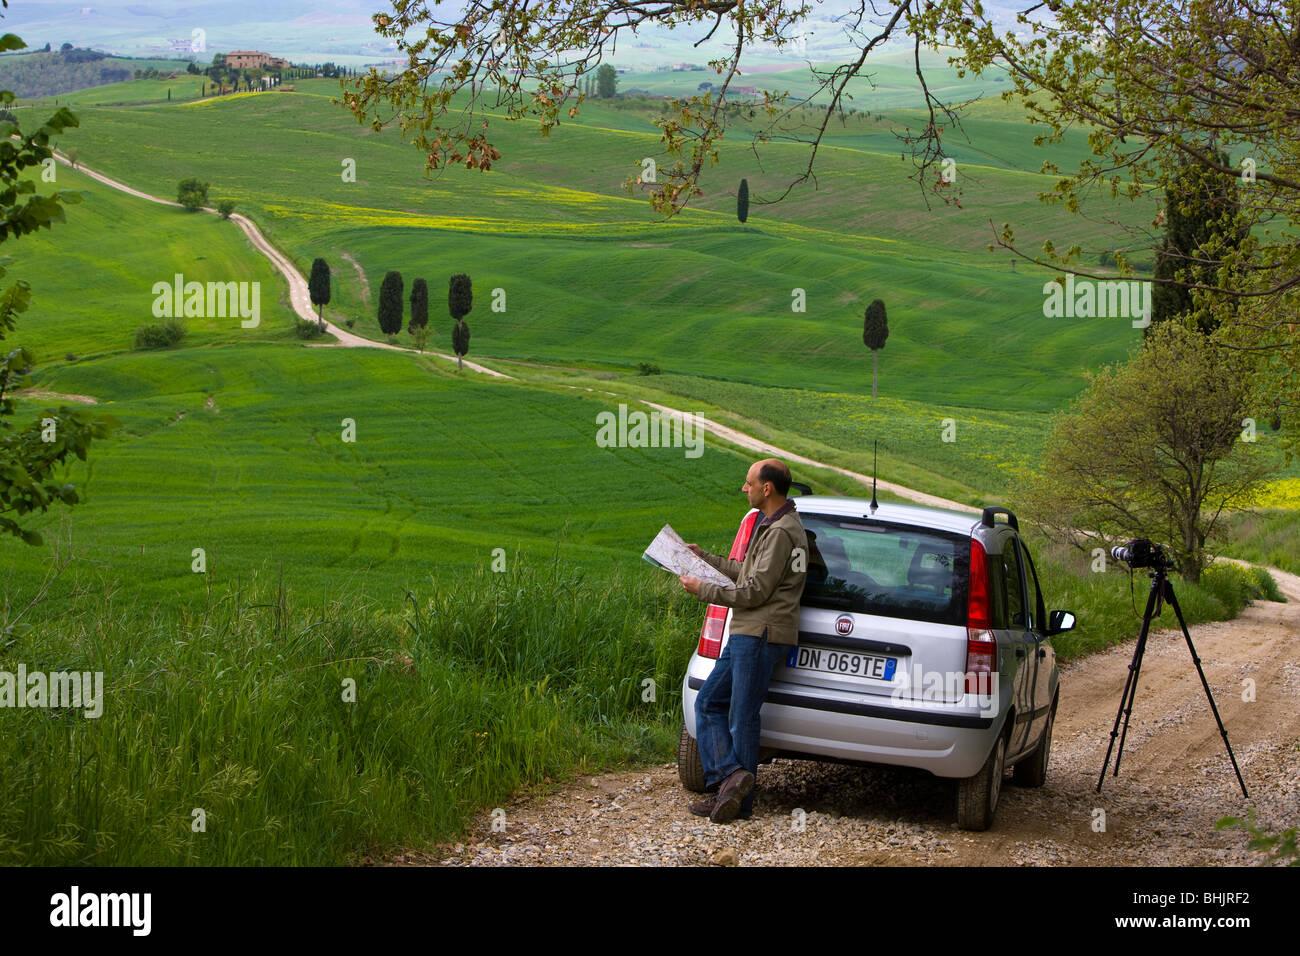 Tourist studying map, Tuscany, Italy Stock Photo: 28073110 - Alamy